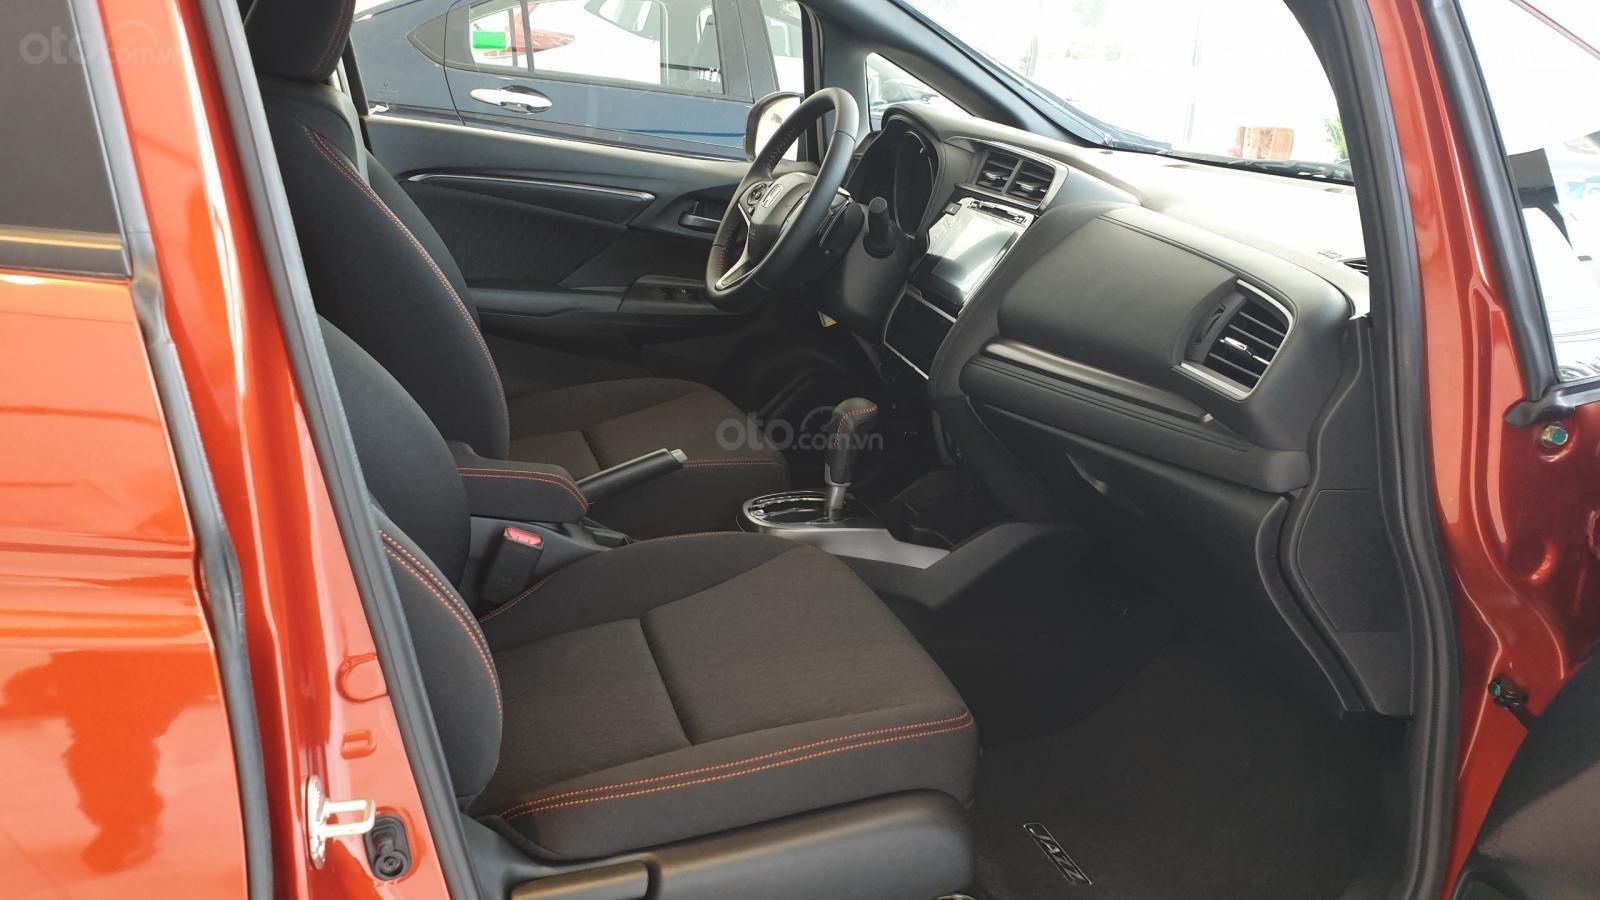 Bán Honda Jazz RS Mugen, khuyến mãi hết Ga + thay nhớt miễn phí 1 năm, dán kính toàn xe hoặc 40tr-3